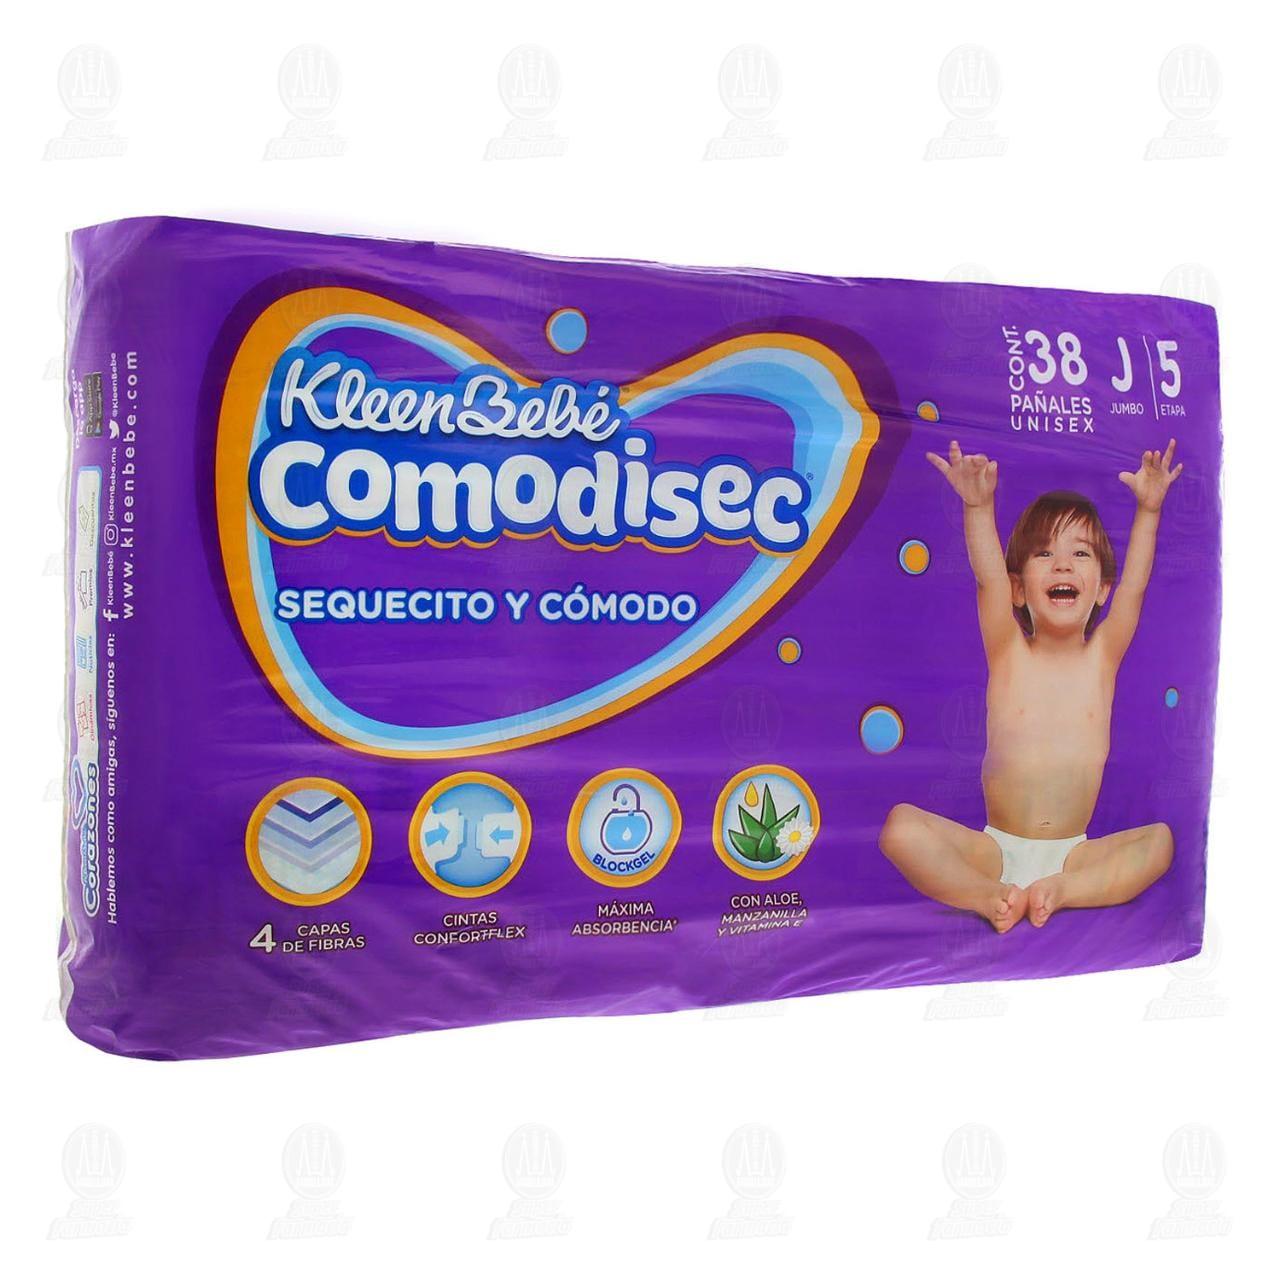 comprar https://www.movil.farmaciasguadalajara.com/wcsstore/FGCAS/wcs/products/1135384_A_1280_AL.jpg en farmacias guadalajara